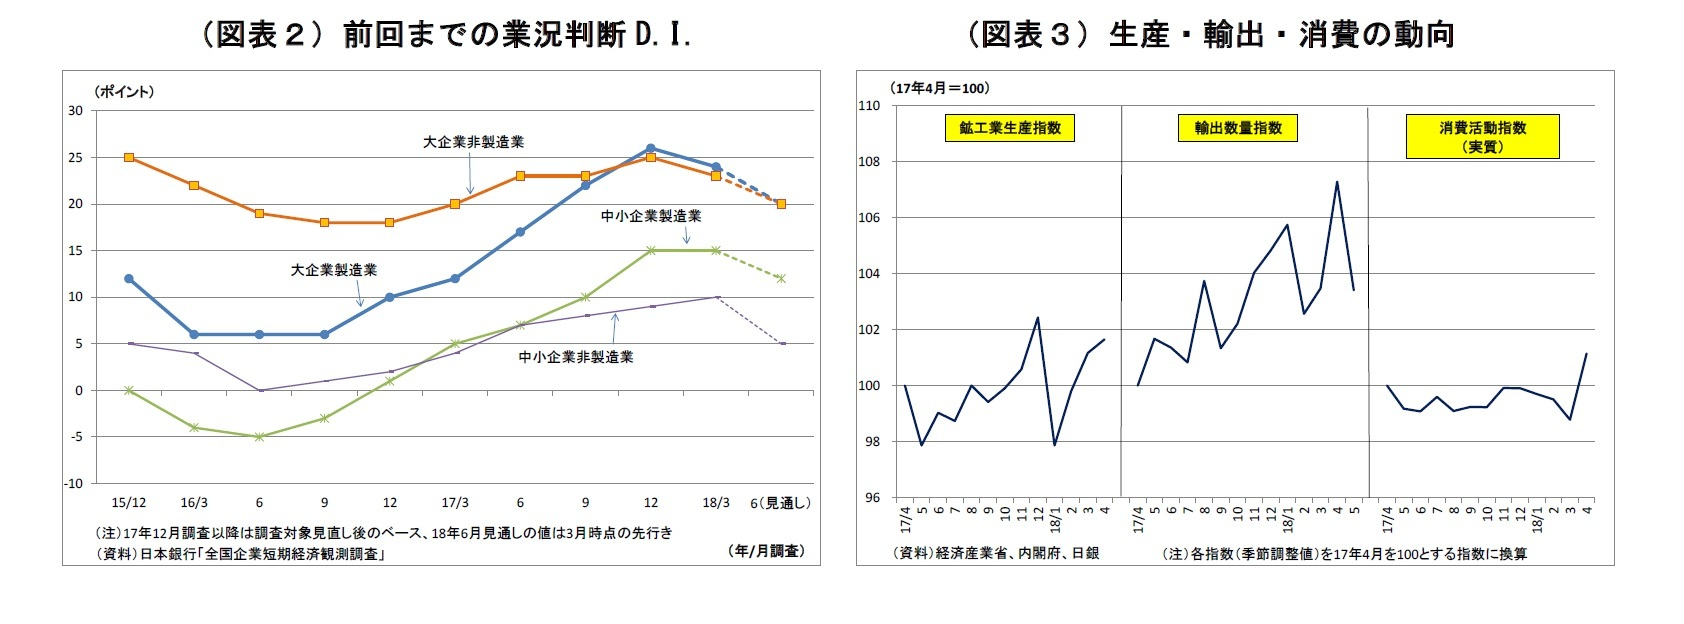 (図表2)前回までの業況判断D.I./(図表3)生産・輸出・消費の動向